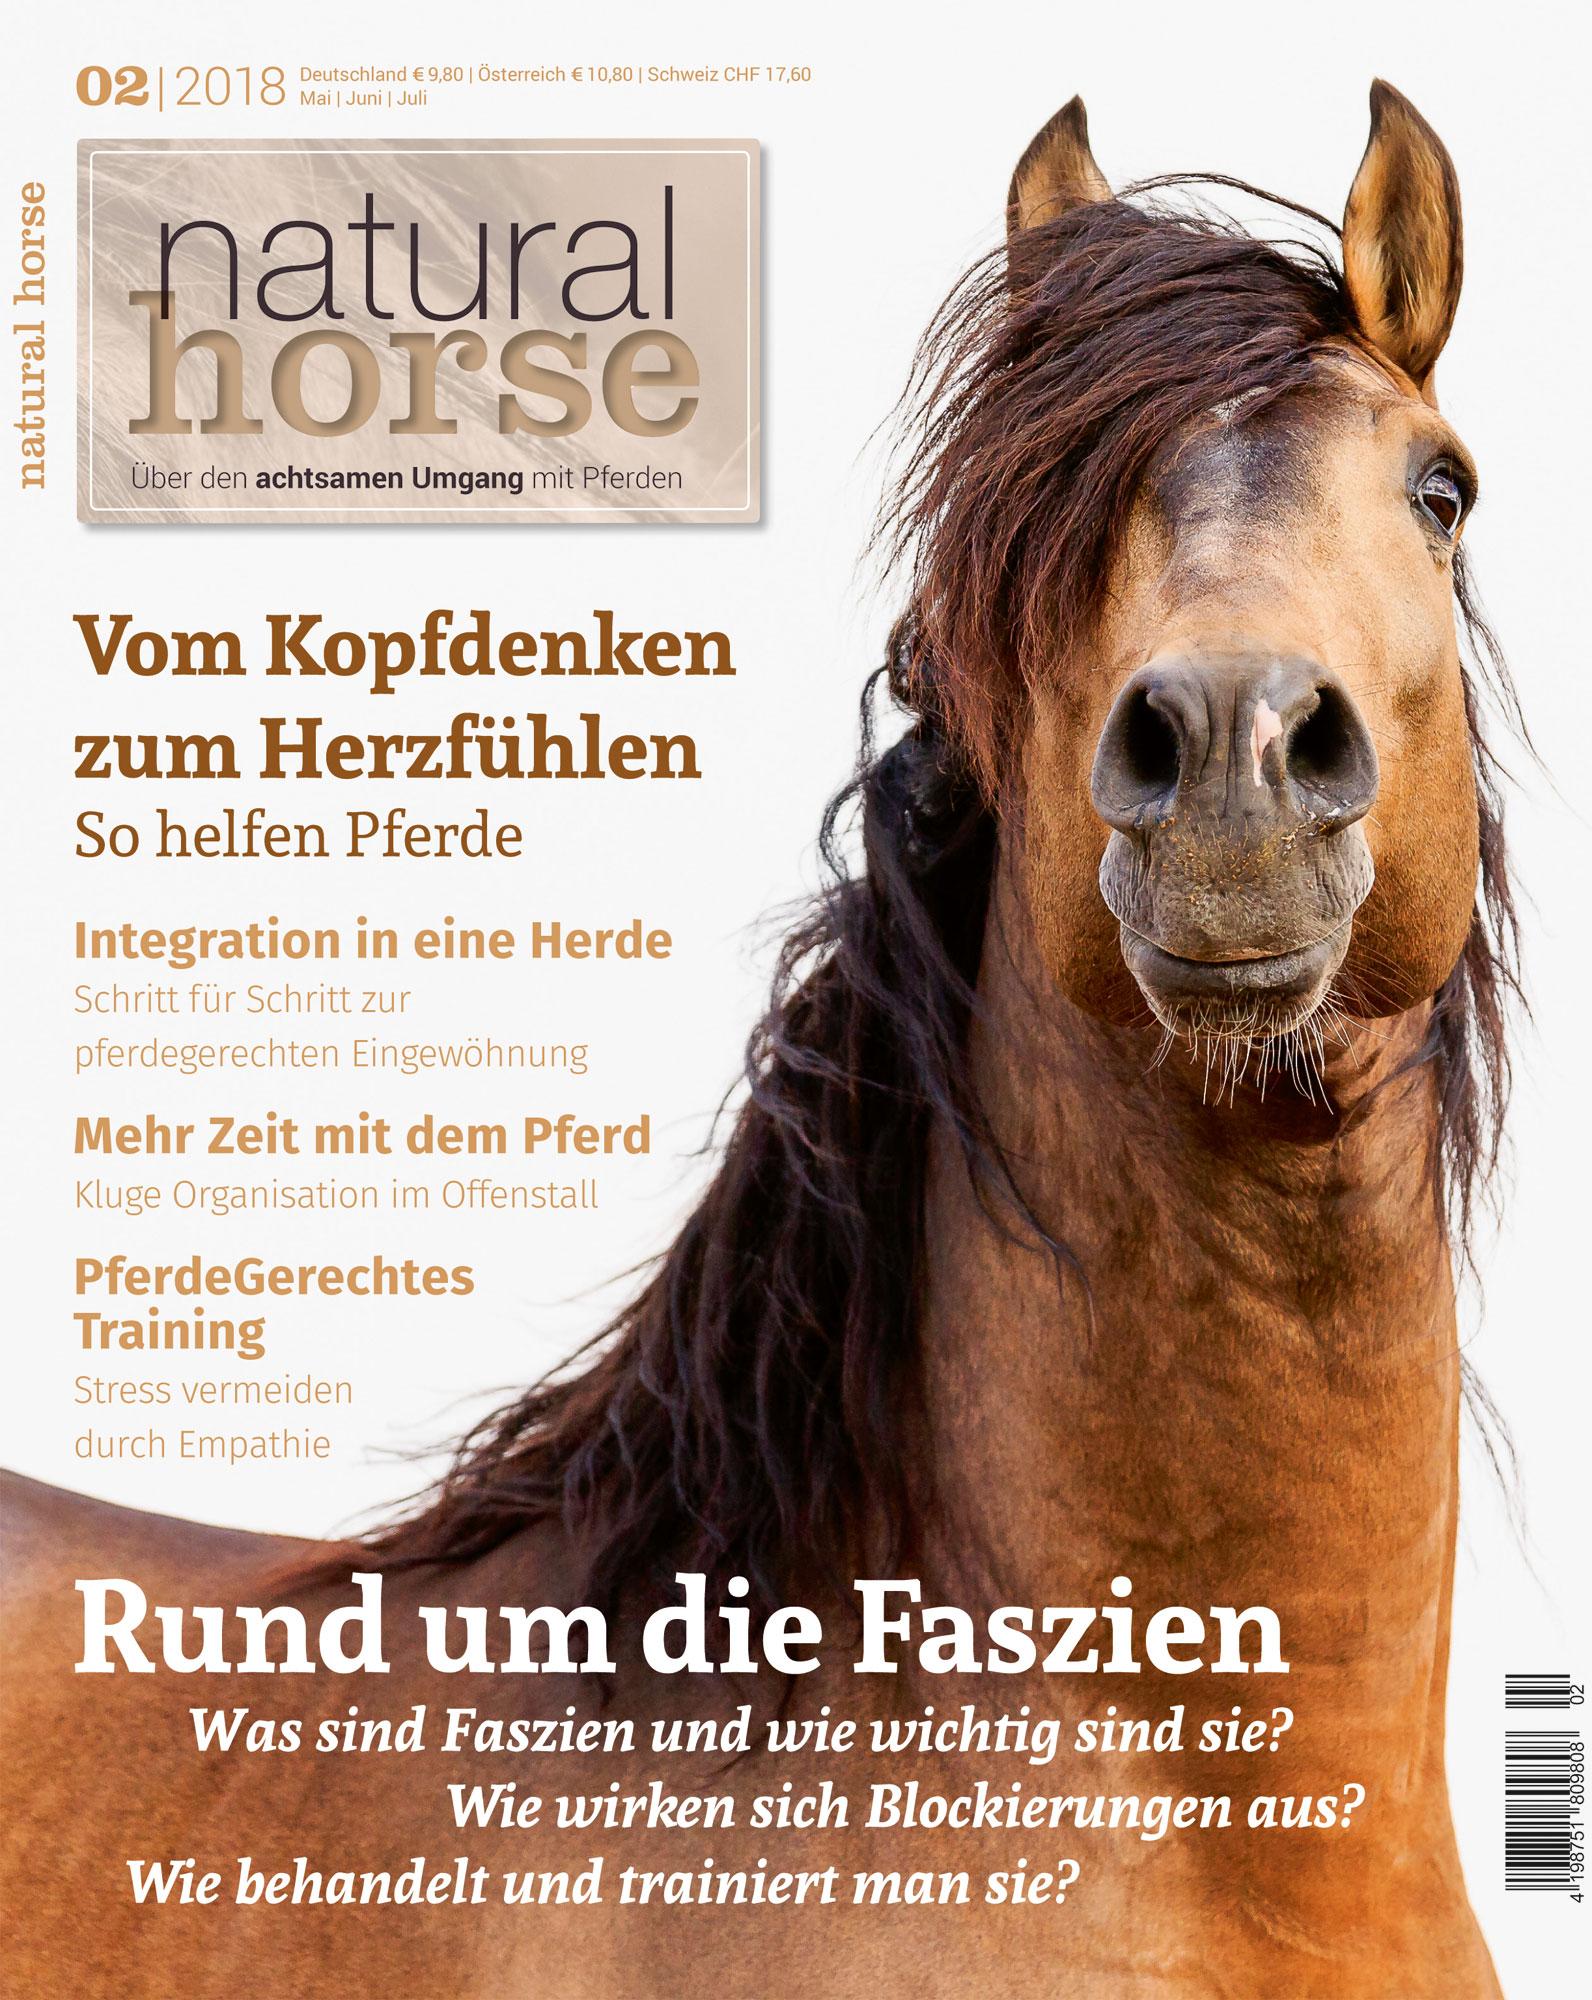 Natural Horse 19 - 02/2018